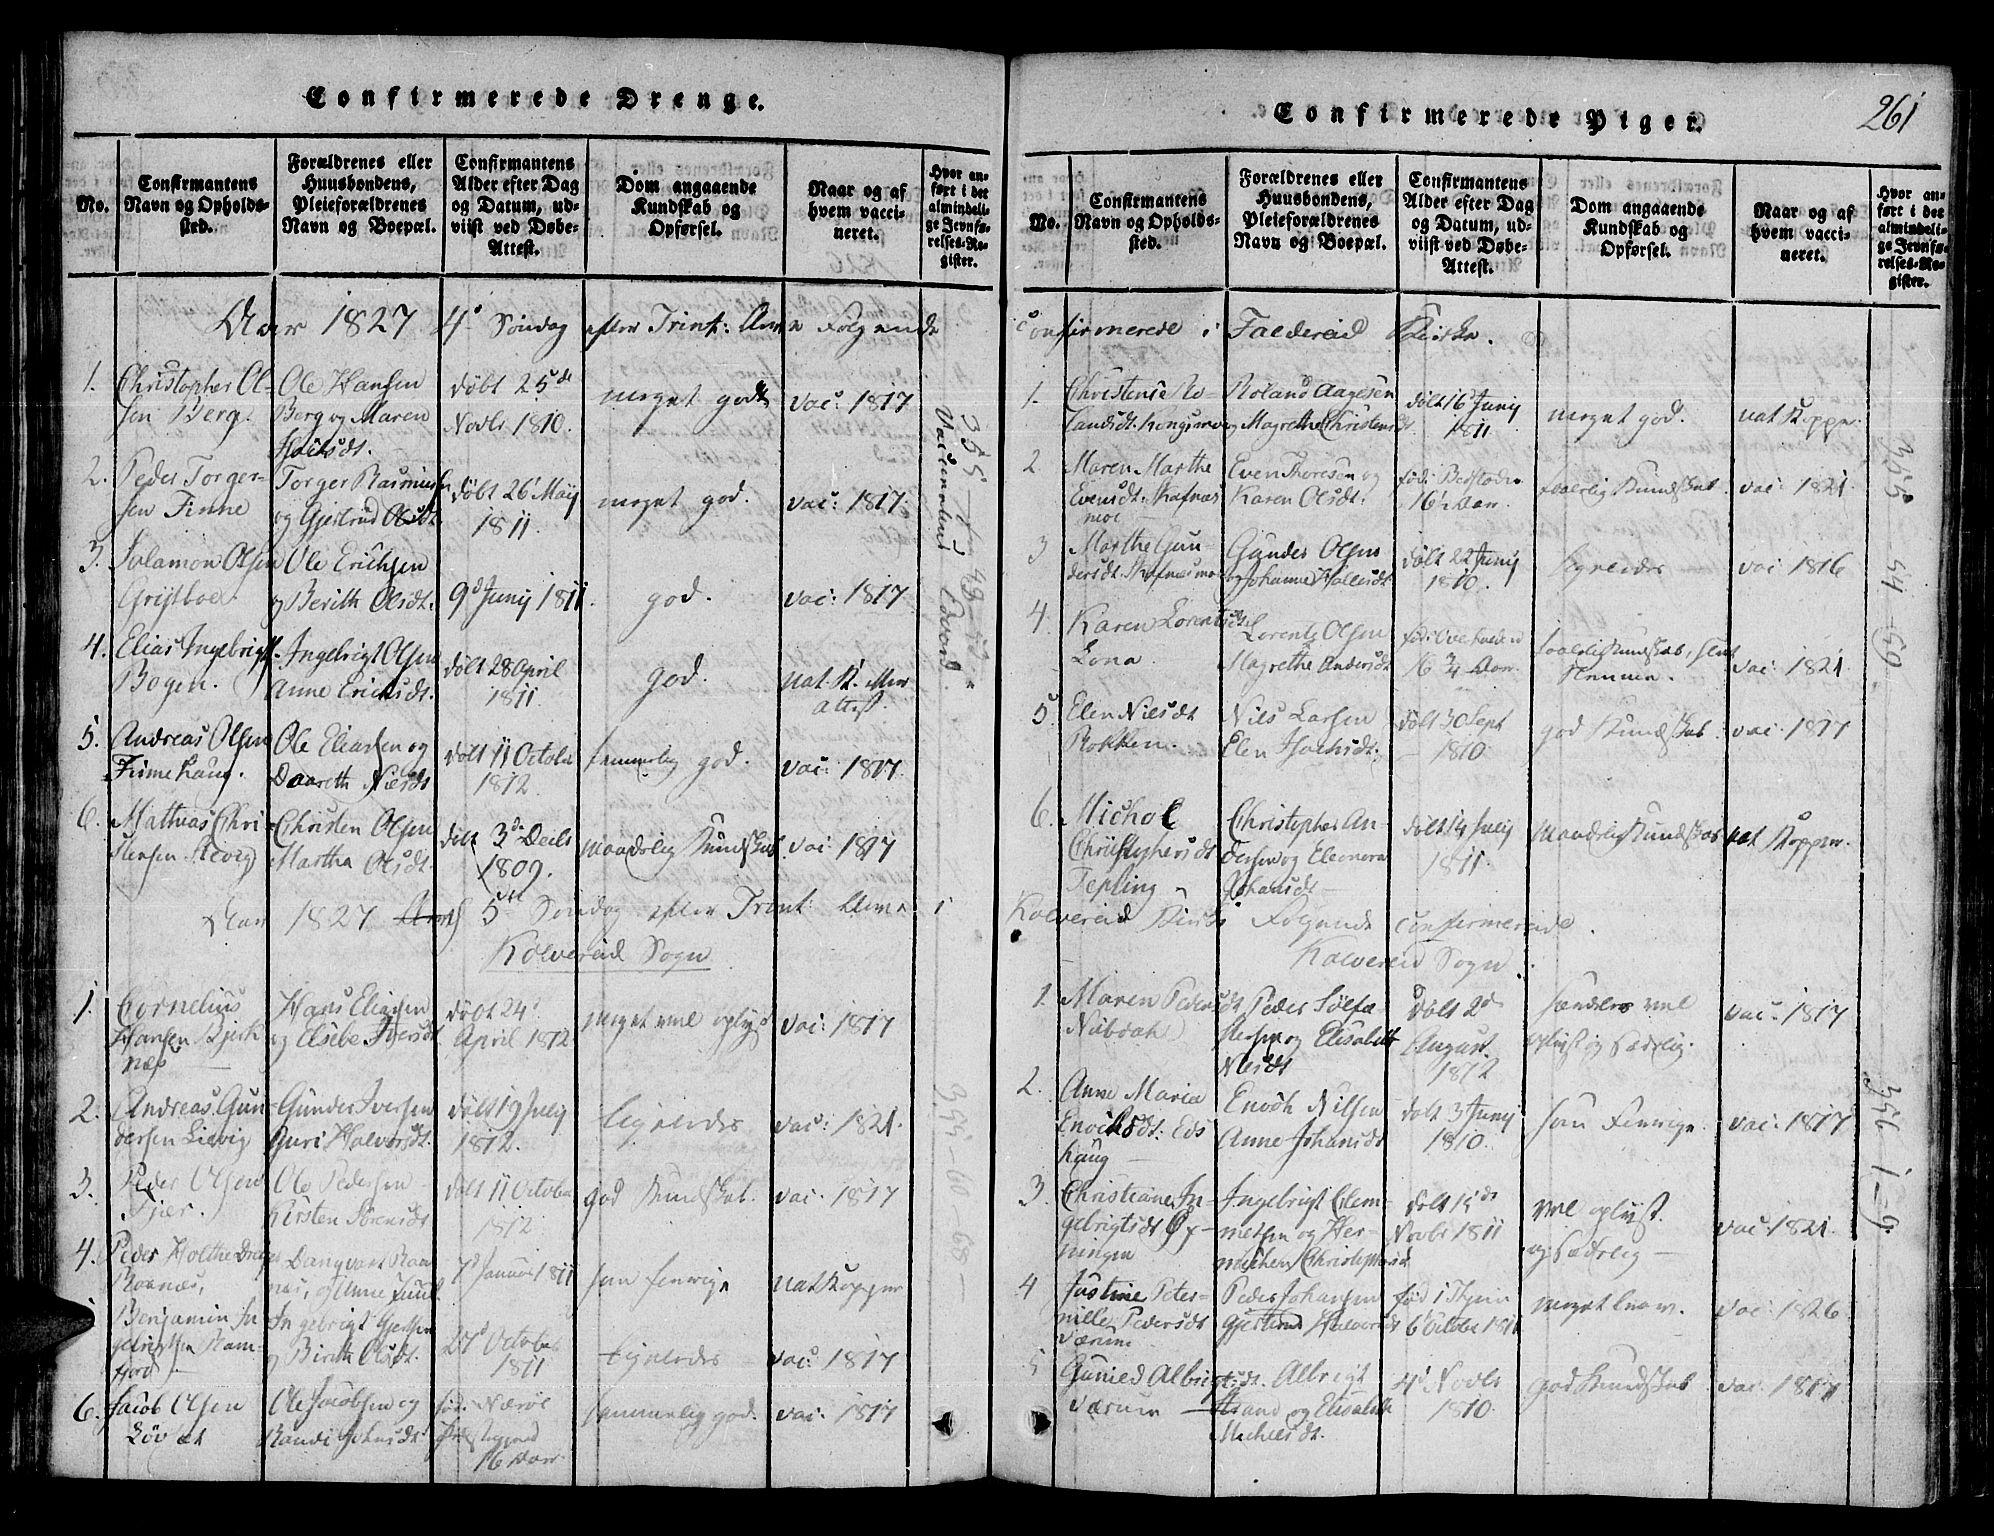 SAT, Ministerialprotokoller, klokkerbøker og fødselsregistre - Nord-Trøndelag, 780/L0636: Ministerialbok nr. 780A03 /1, 1815-1830, s. 261